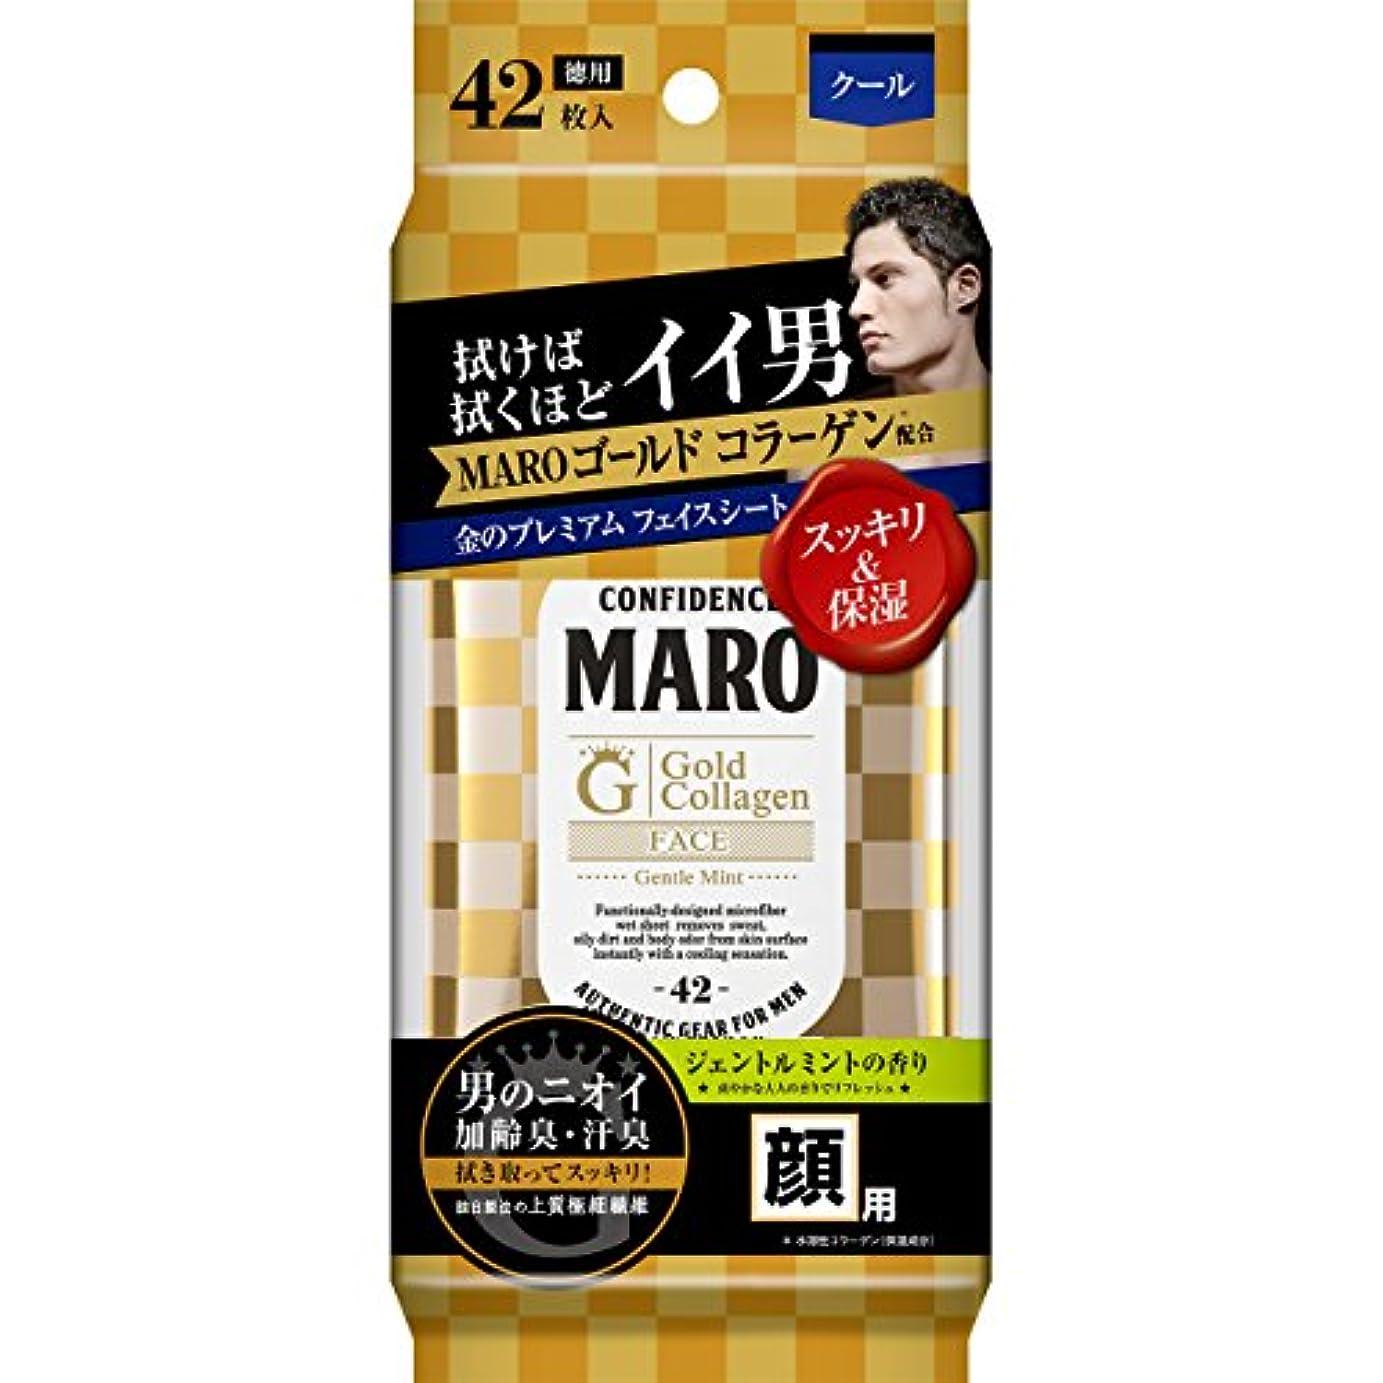 製品スケートコークスMARO プレミアム フェイスシート GOLD ジェントルミントの香り 42枚入